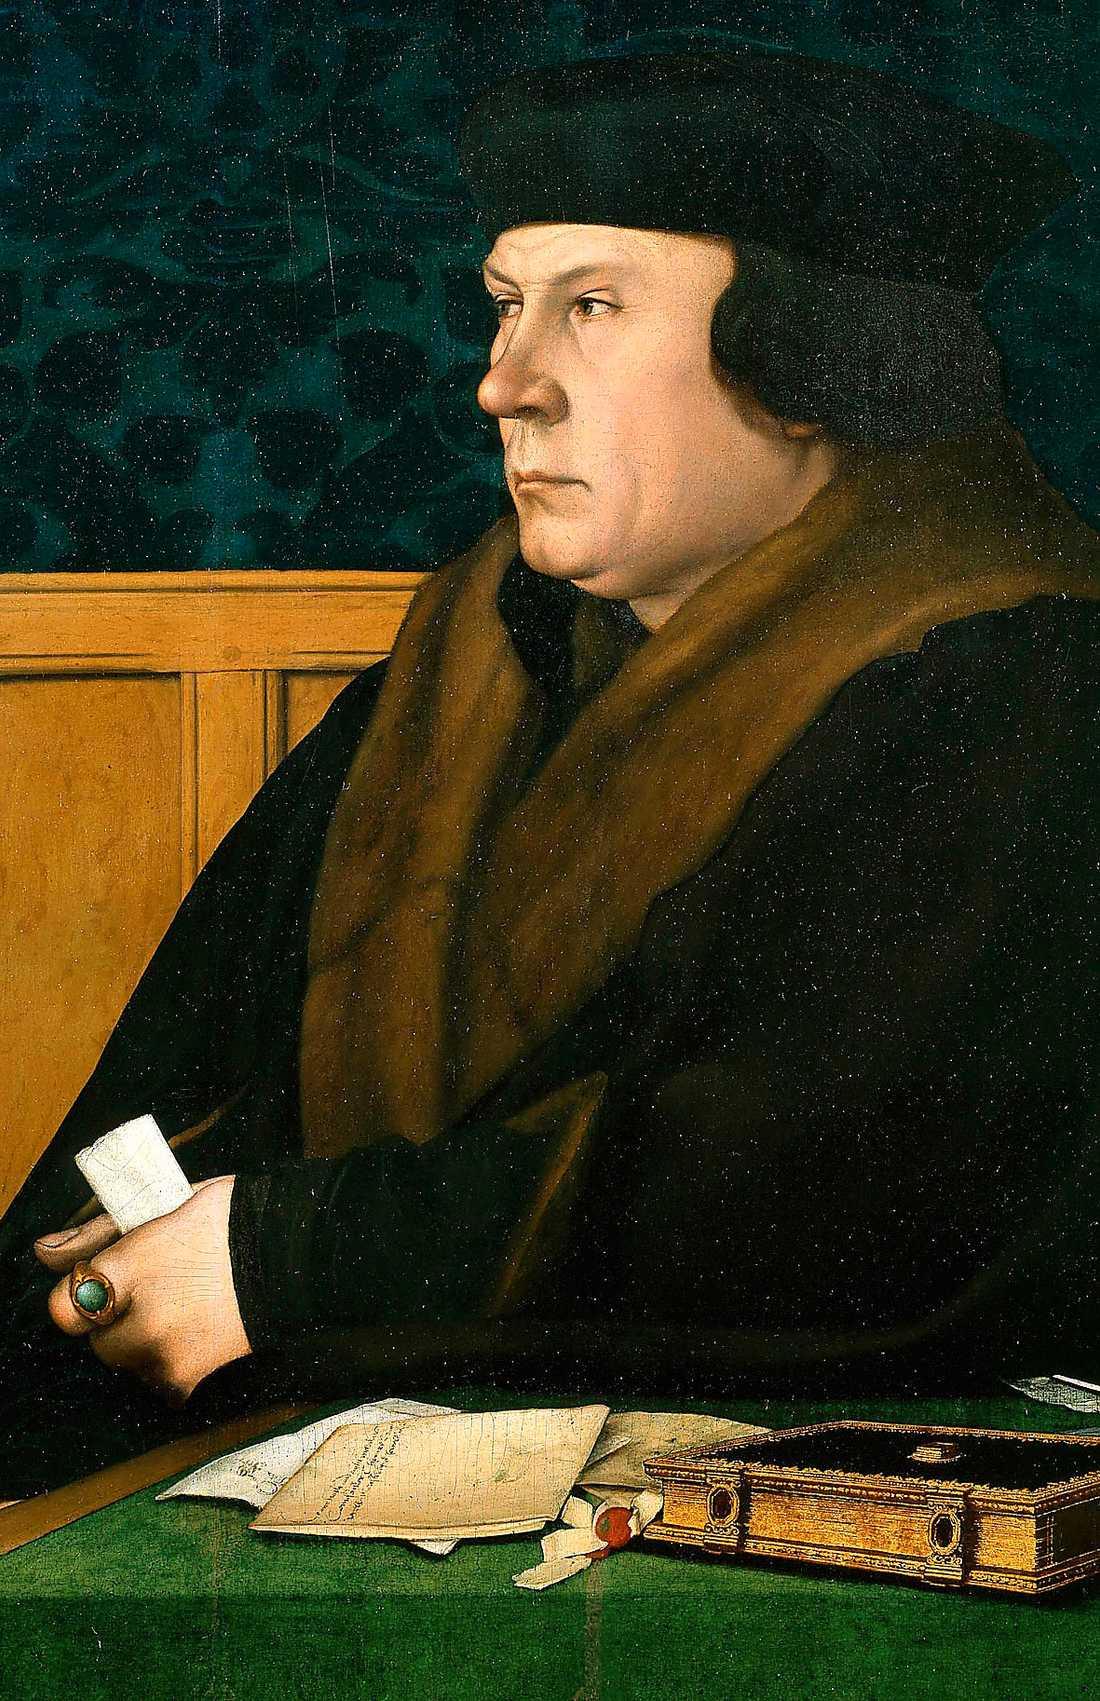 mästerverk  Thomas Cromwell (1485–1540) är ett sant mästerverk, enligt Ann Charlotte Altstadt. (Målning av Hans Holbein den yngre.)